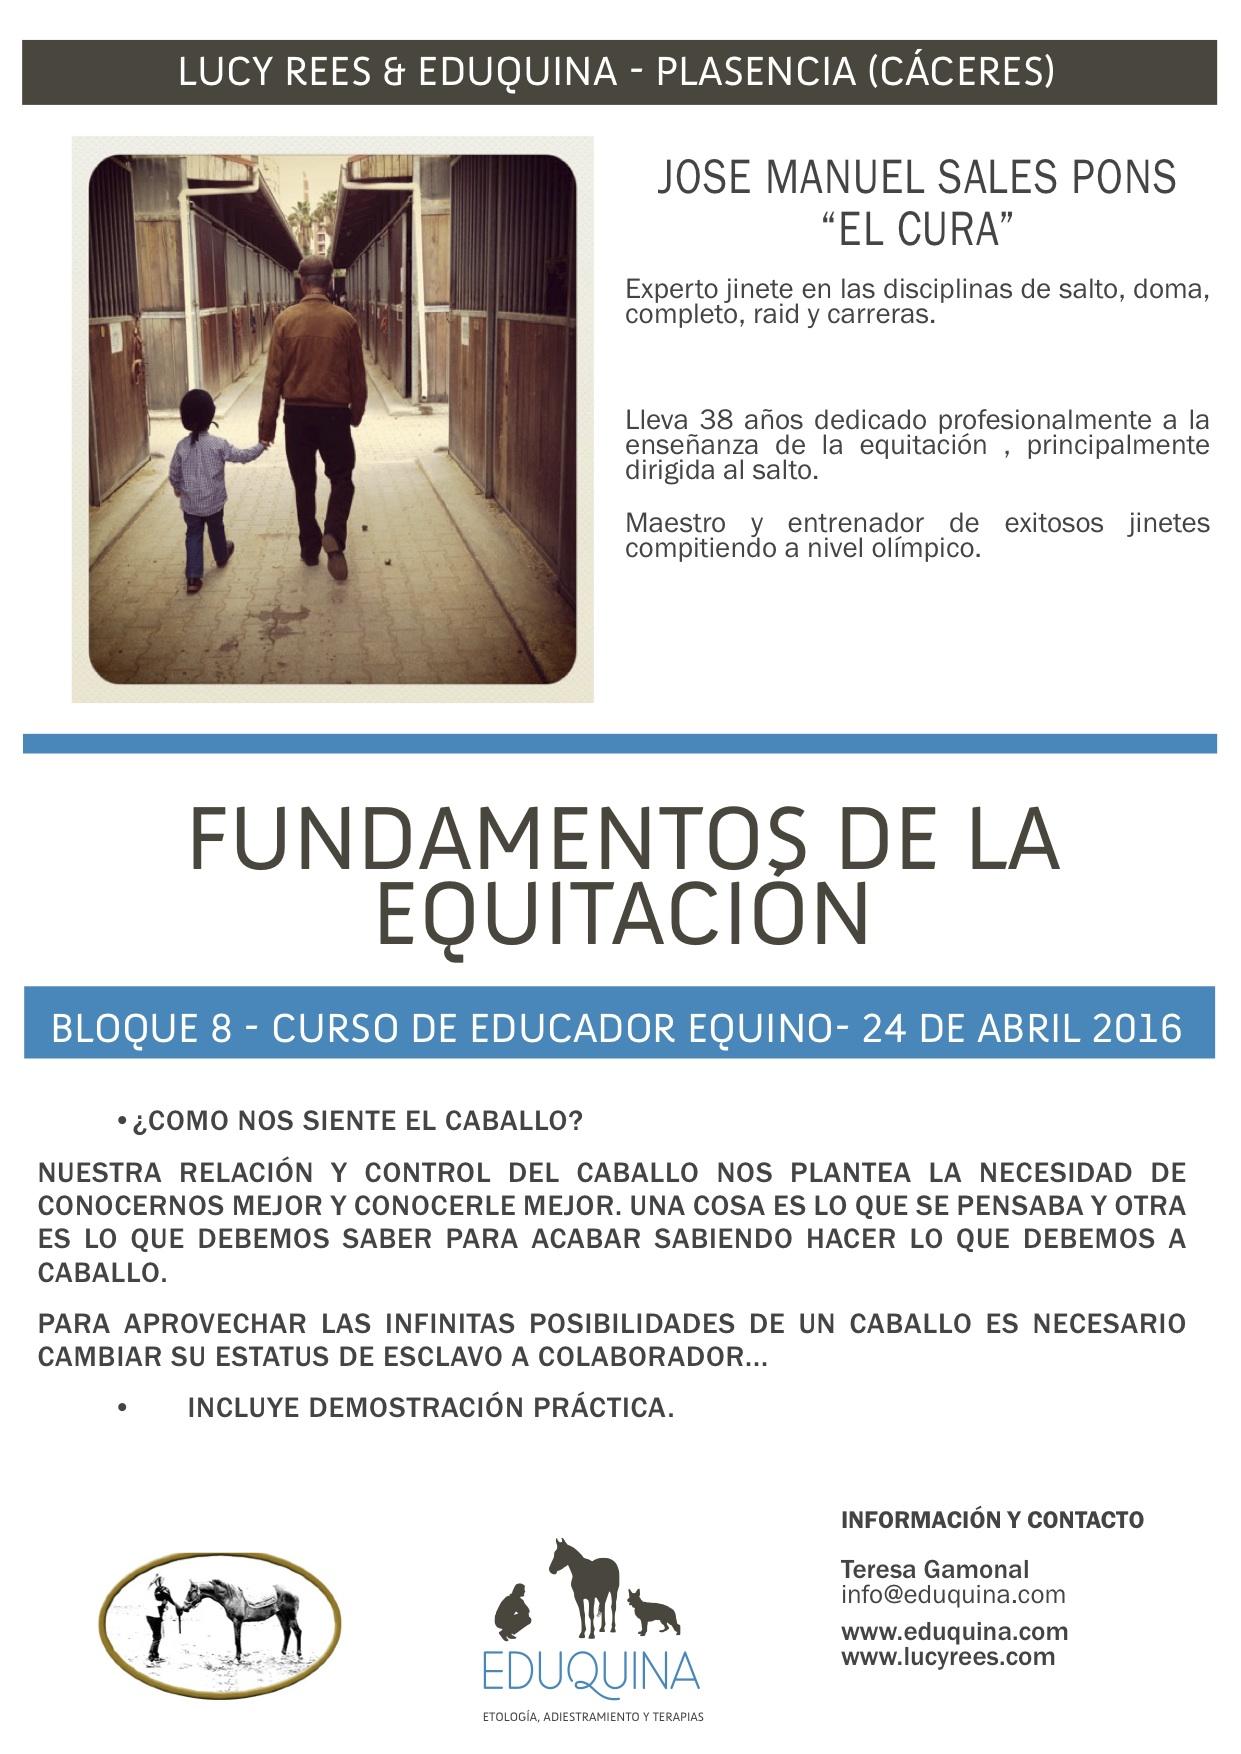 FUNDAMENTOS DE LA EQUITACIÓN Y BIOMECANICA. Jose Manuel Sales Pons «el cura» y Marco Barba.